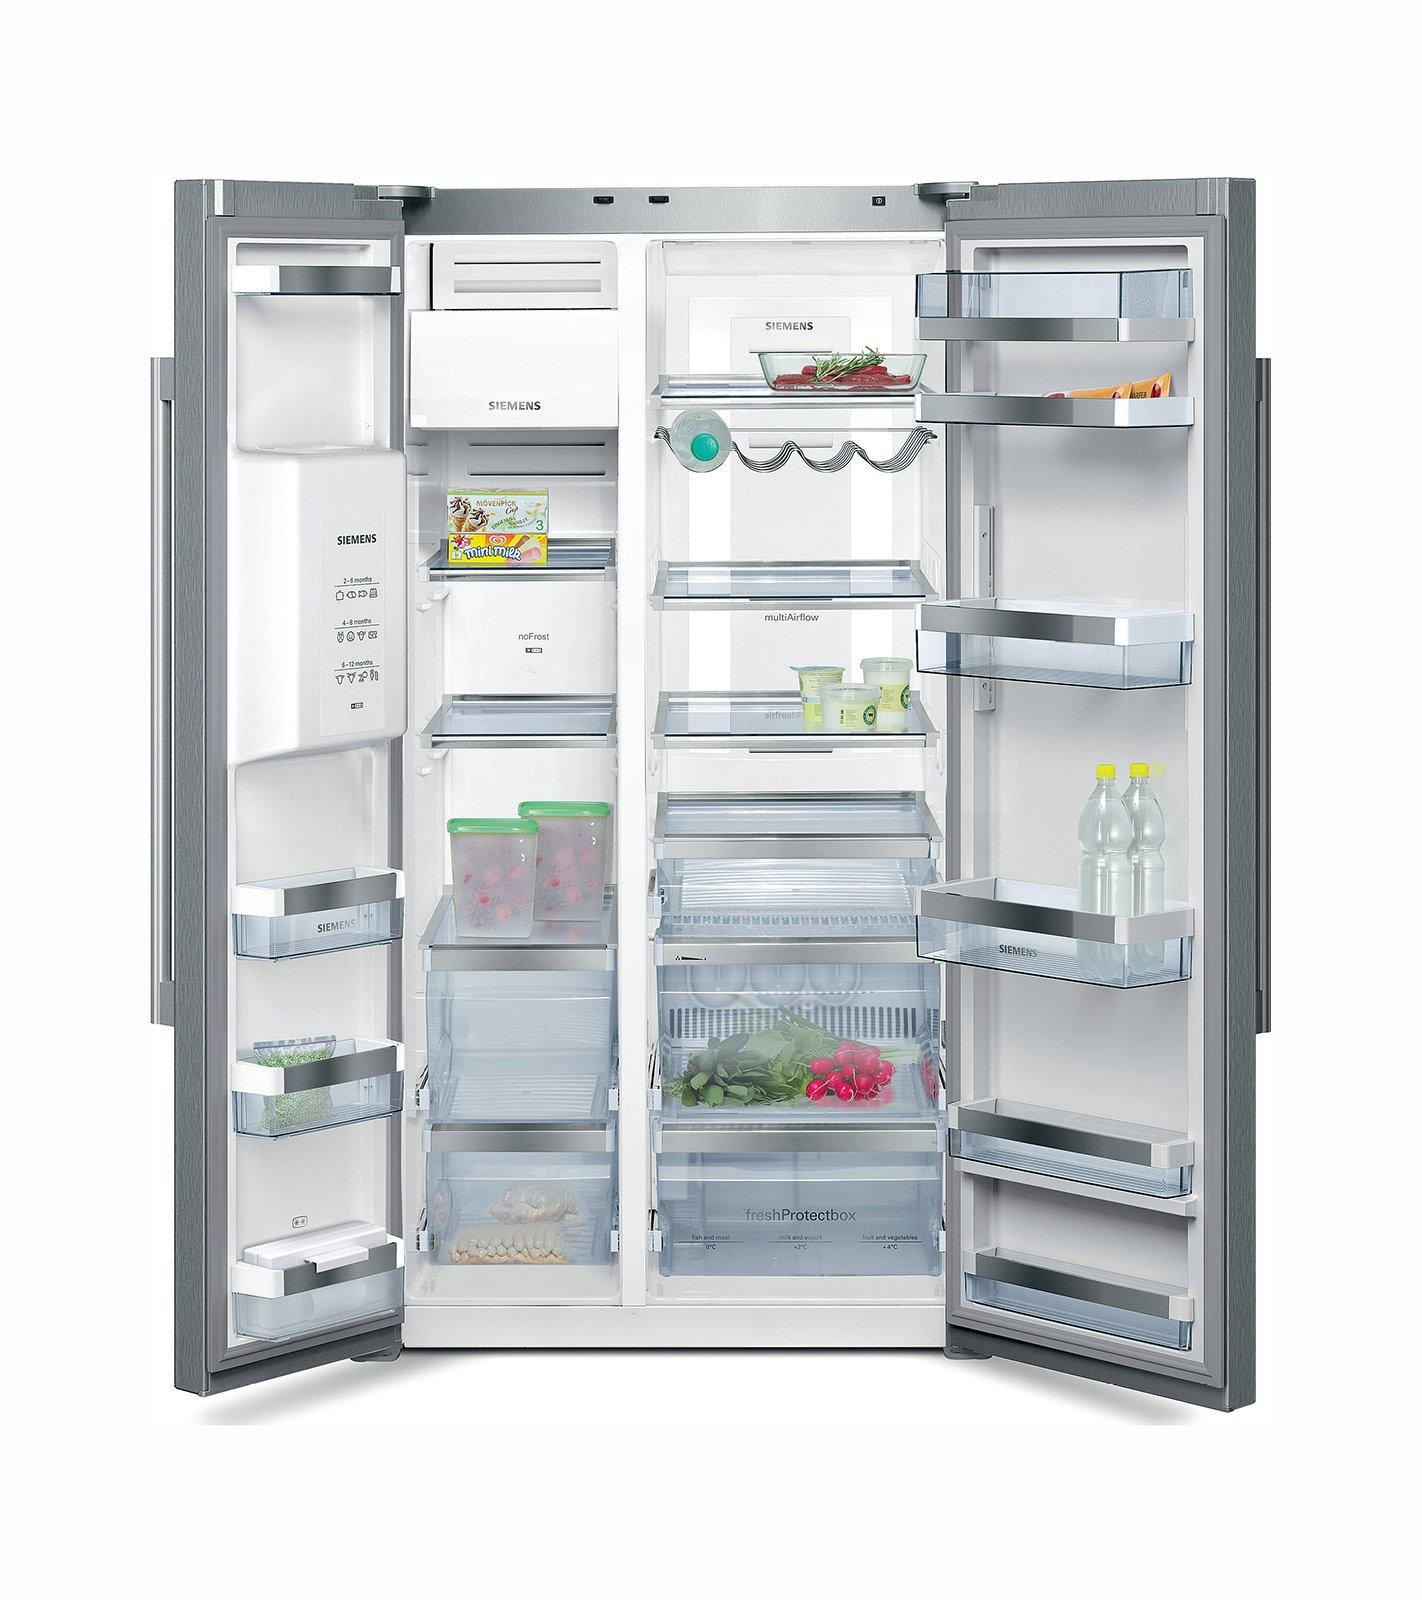 Frigo e congelatore: modelli maxi, a tre porte, side by side - Cose ...